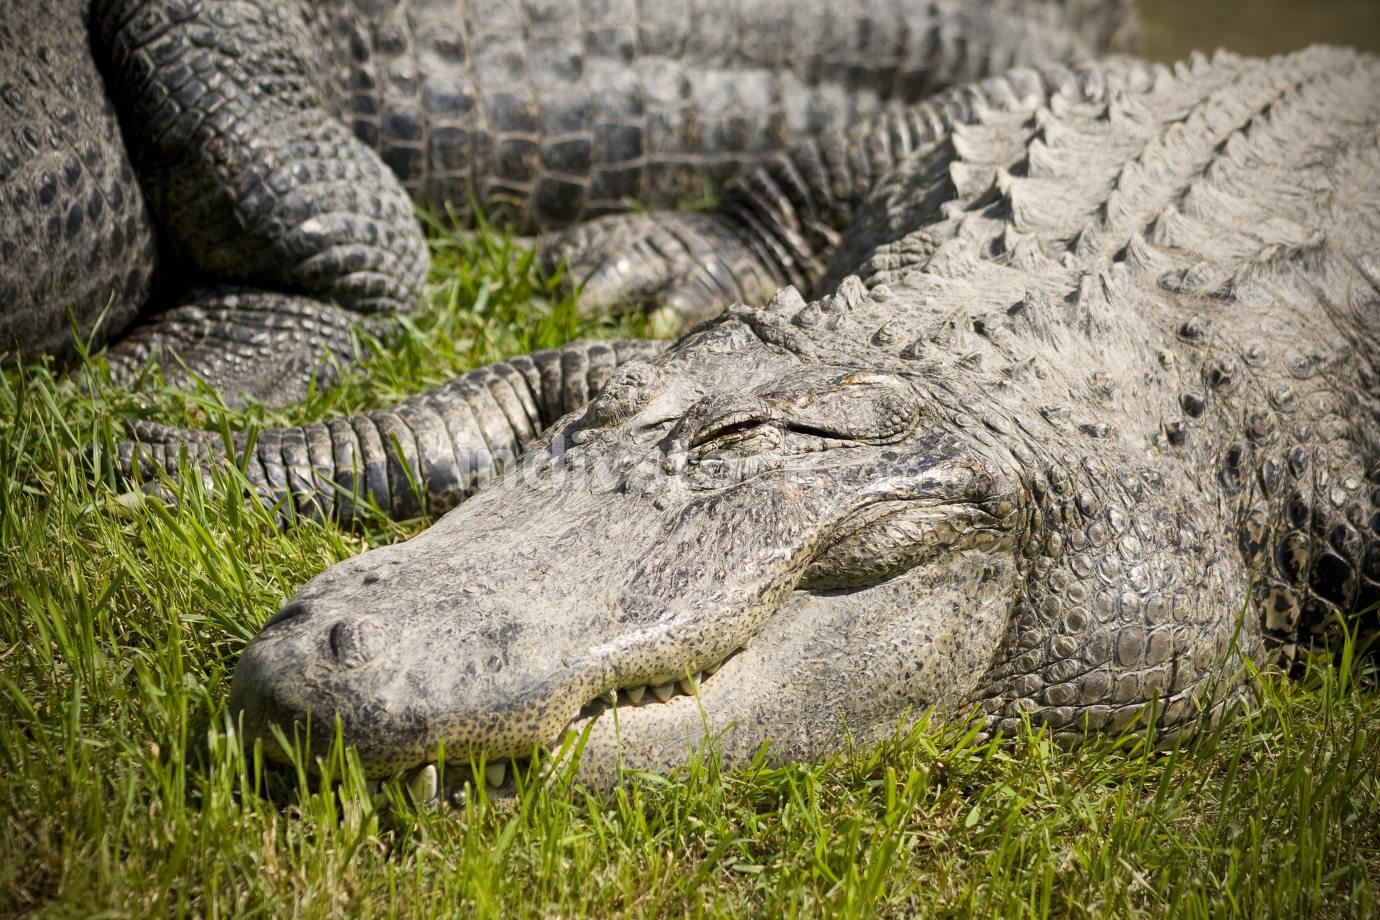 Sleeping Alligator (shooting at zoo)